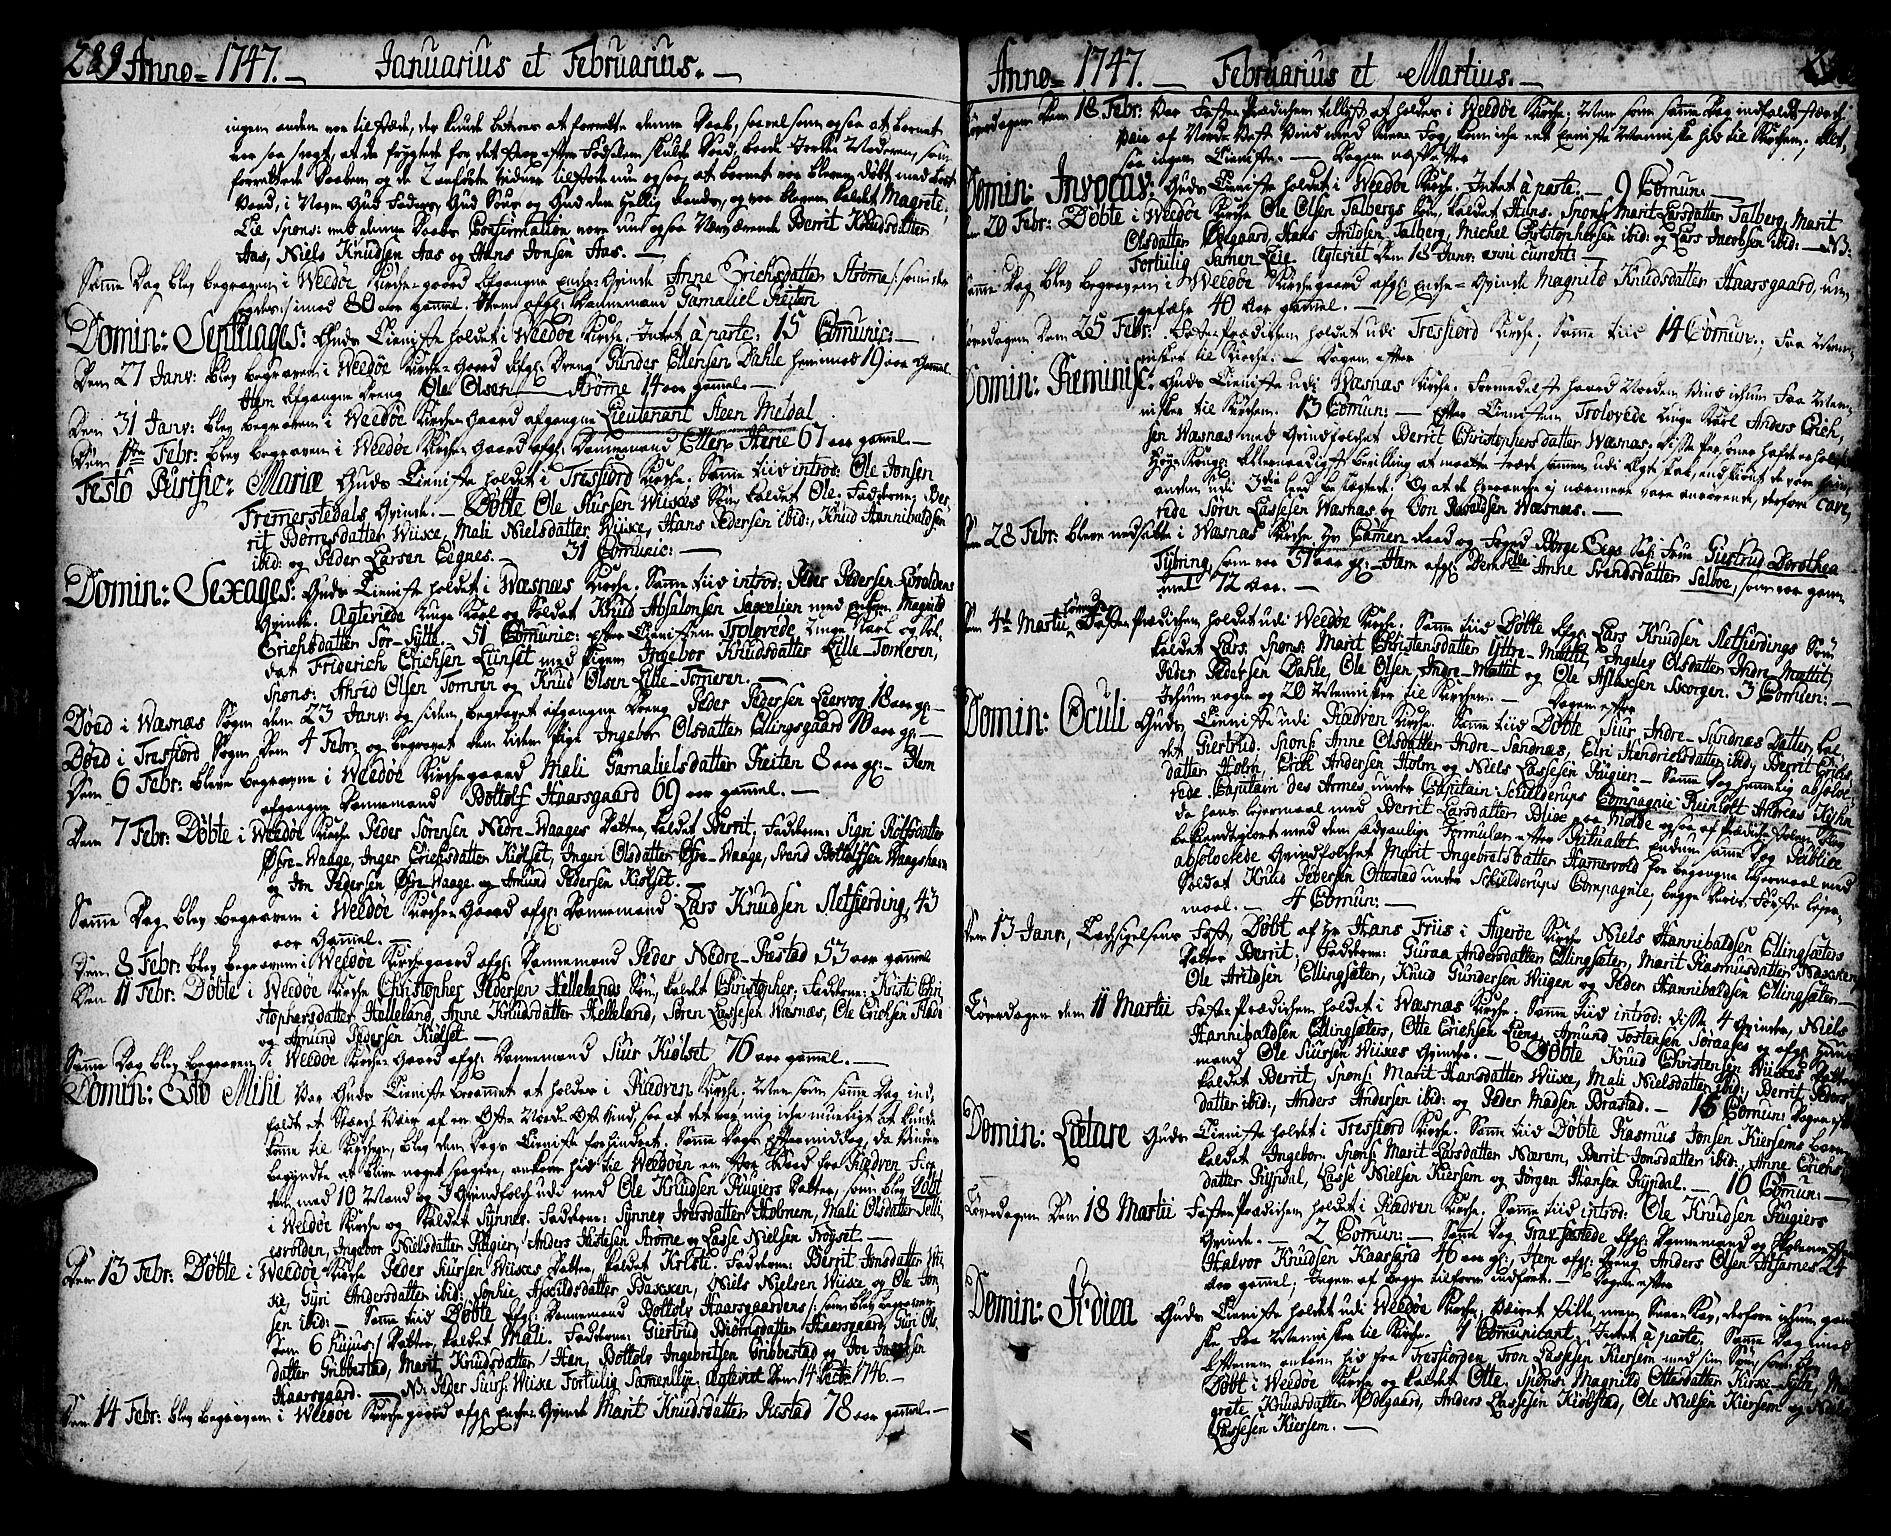 SAT, Ministerialprotokoller, klokkerbøker og fødselsregistre - Møre og Romsdal, 547/L0599: Ministerialbok nr. 547A01, 1721-1764, s. 288-289